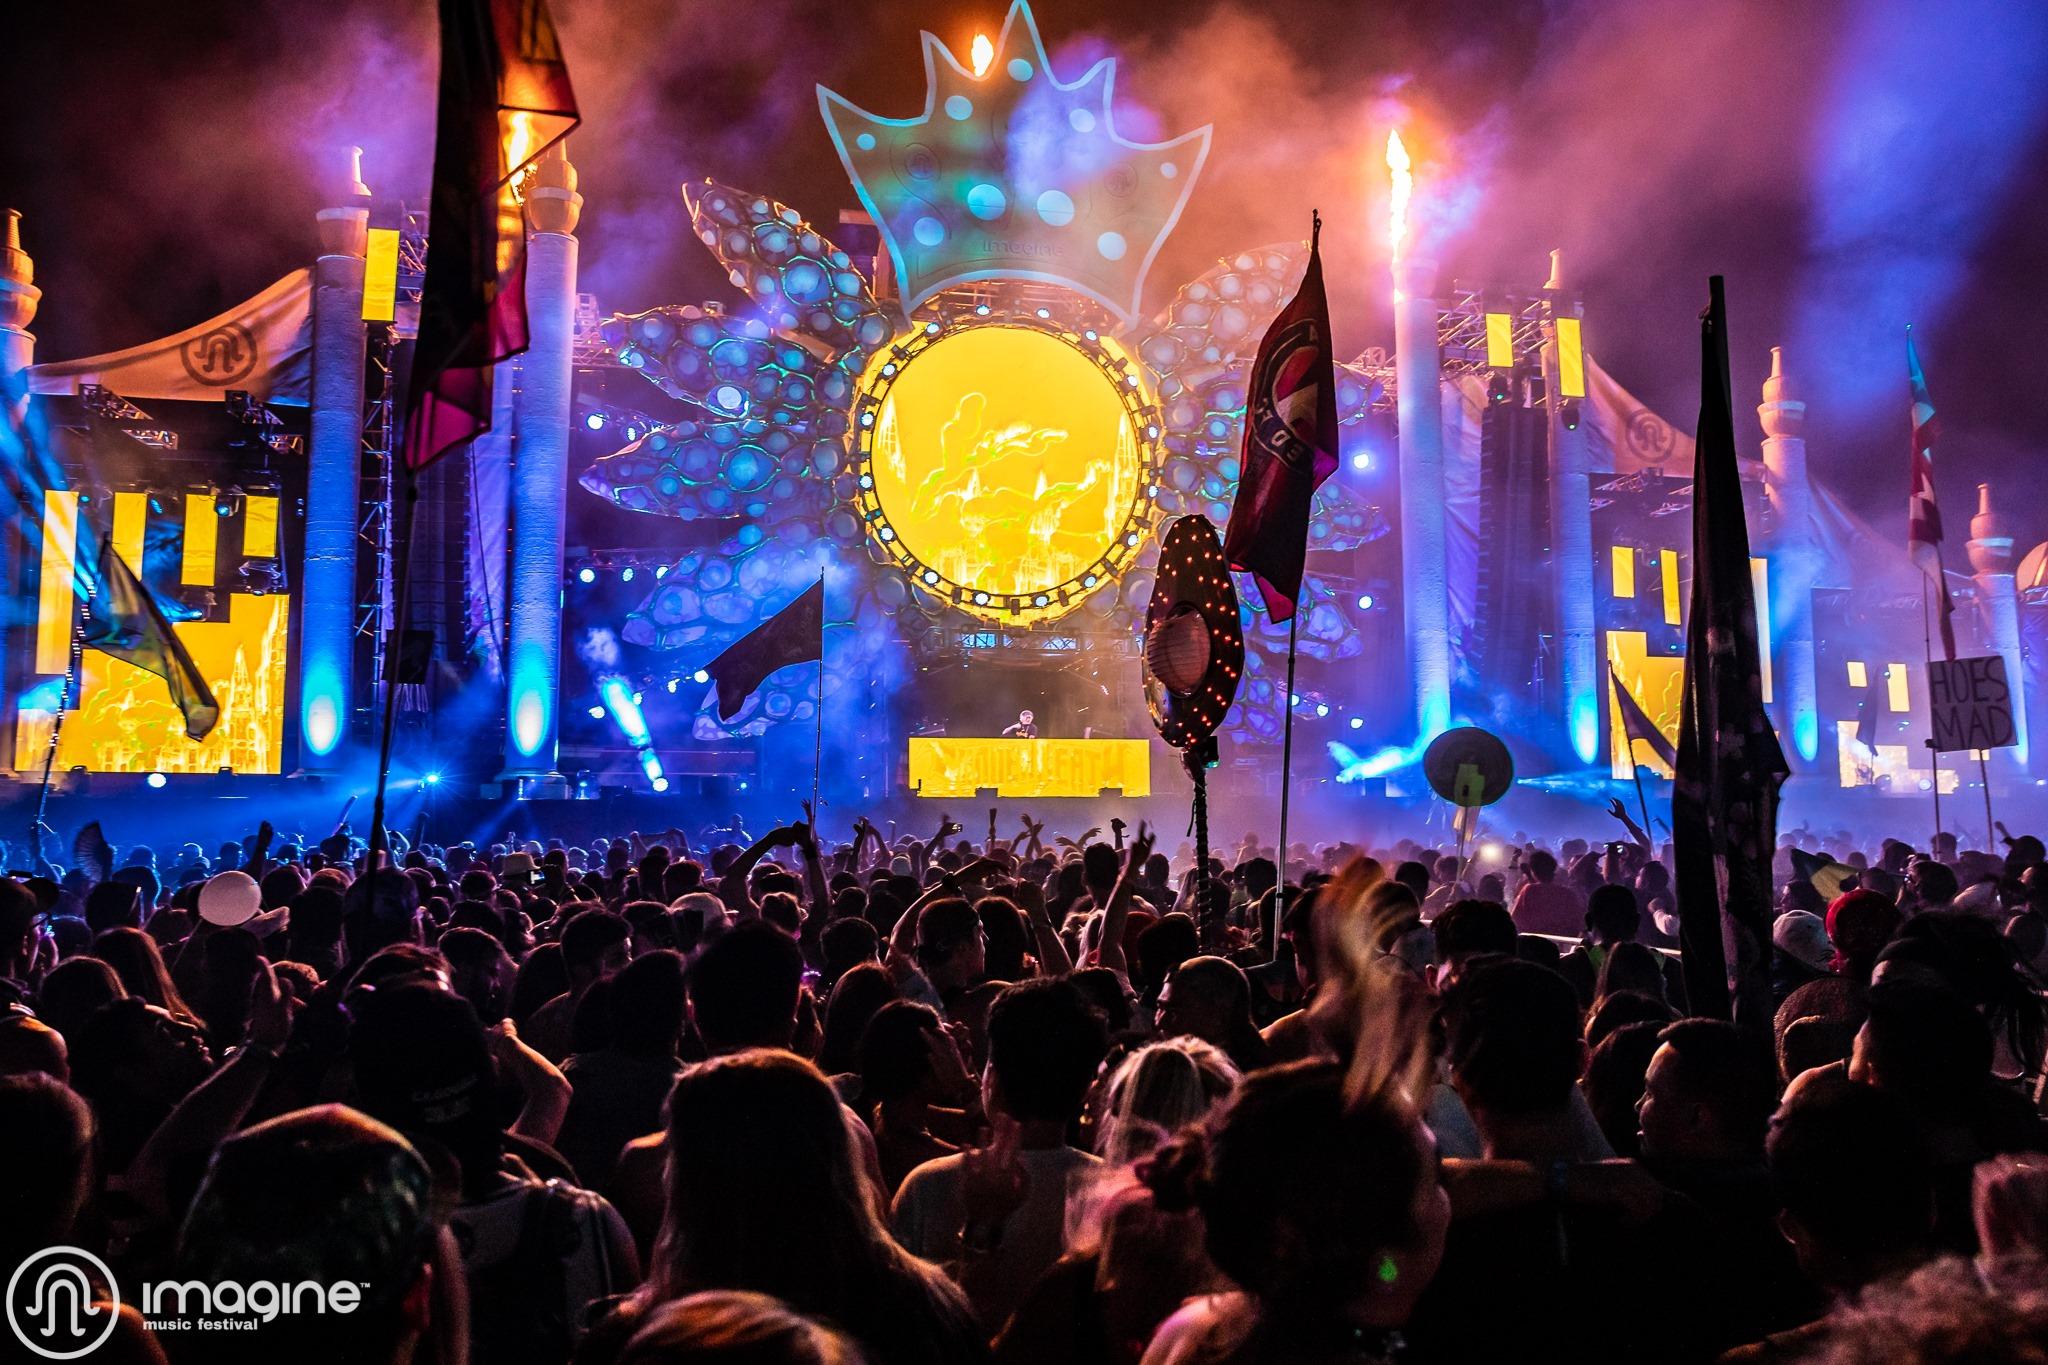 Imagine Music Festival 2020.Buy Tickets To Imagine 2020 Customer Appreciation Pre Sale